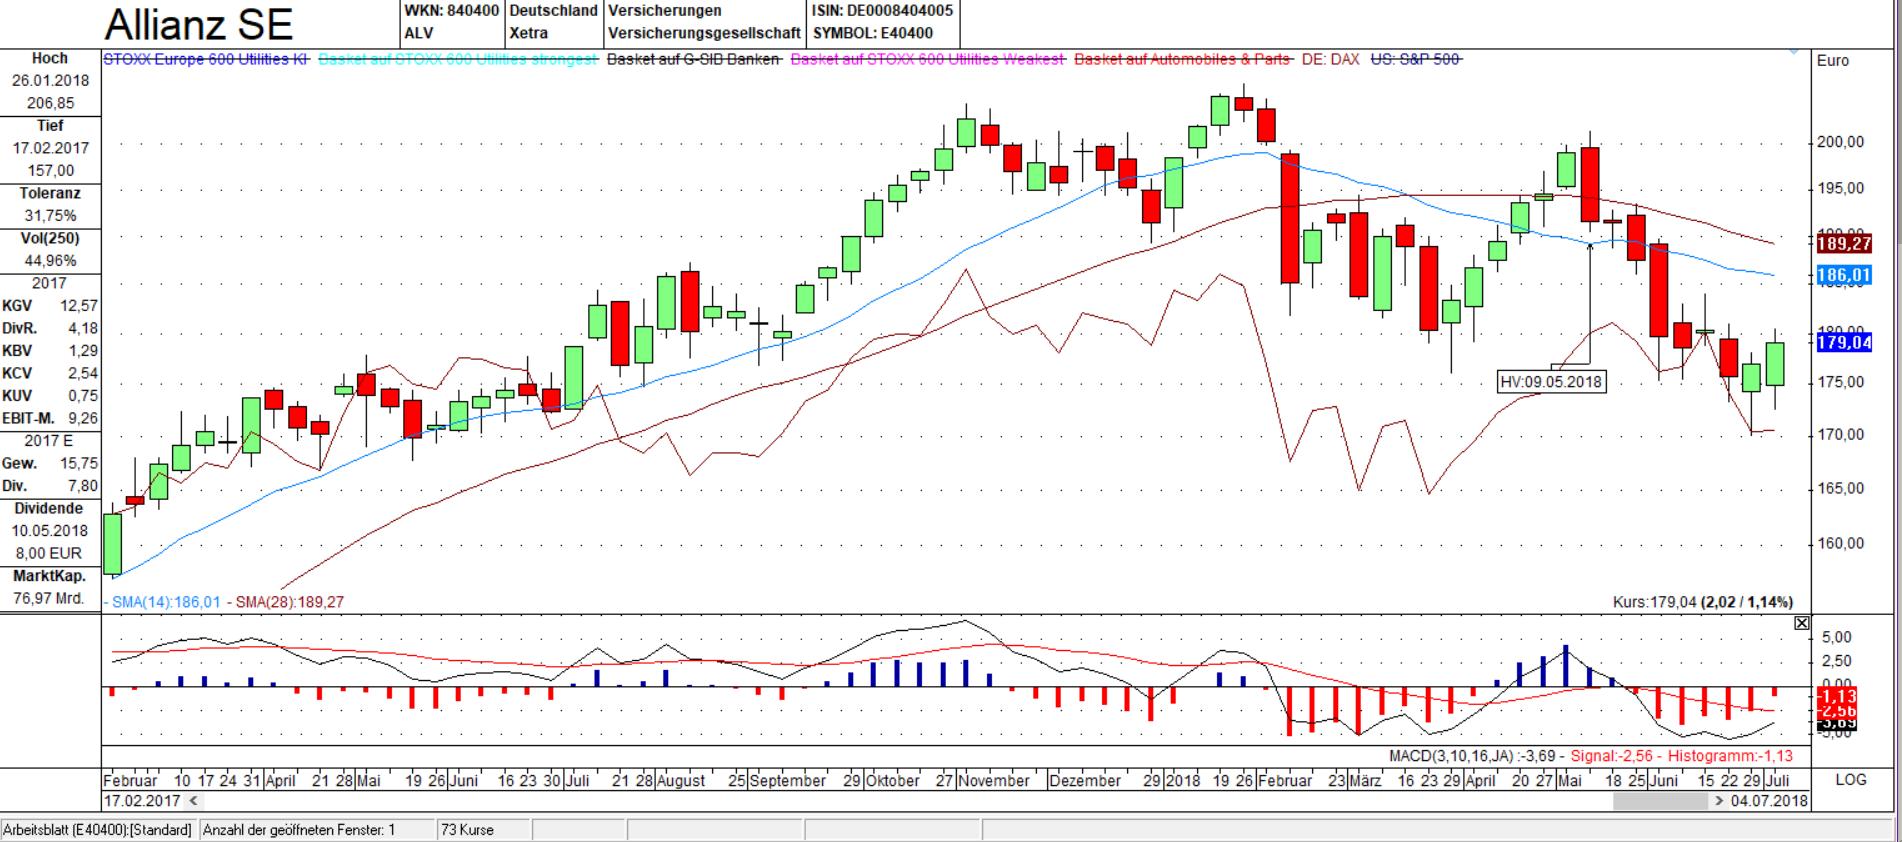 ALV vs DAX Candle Wochen Chart